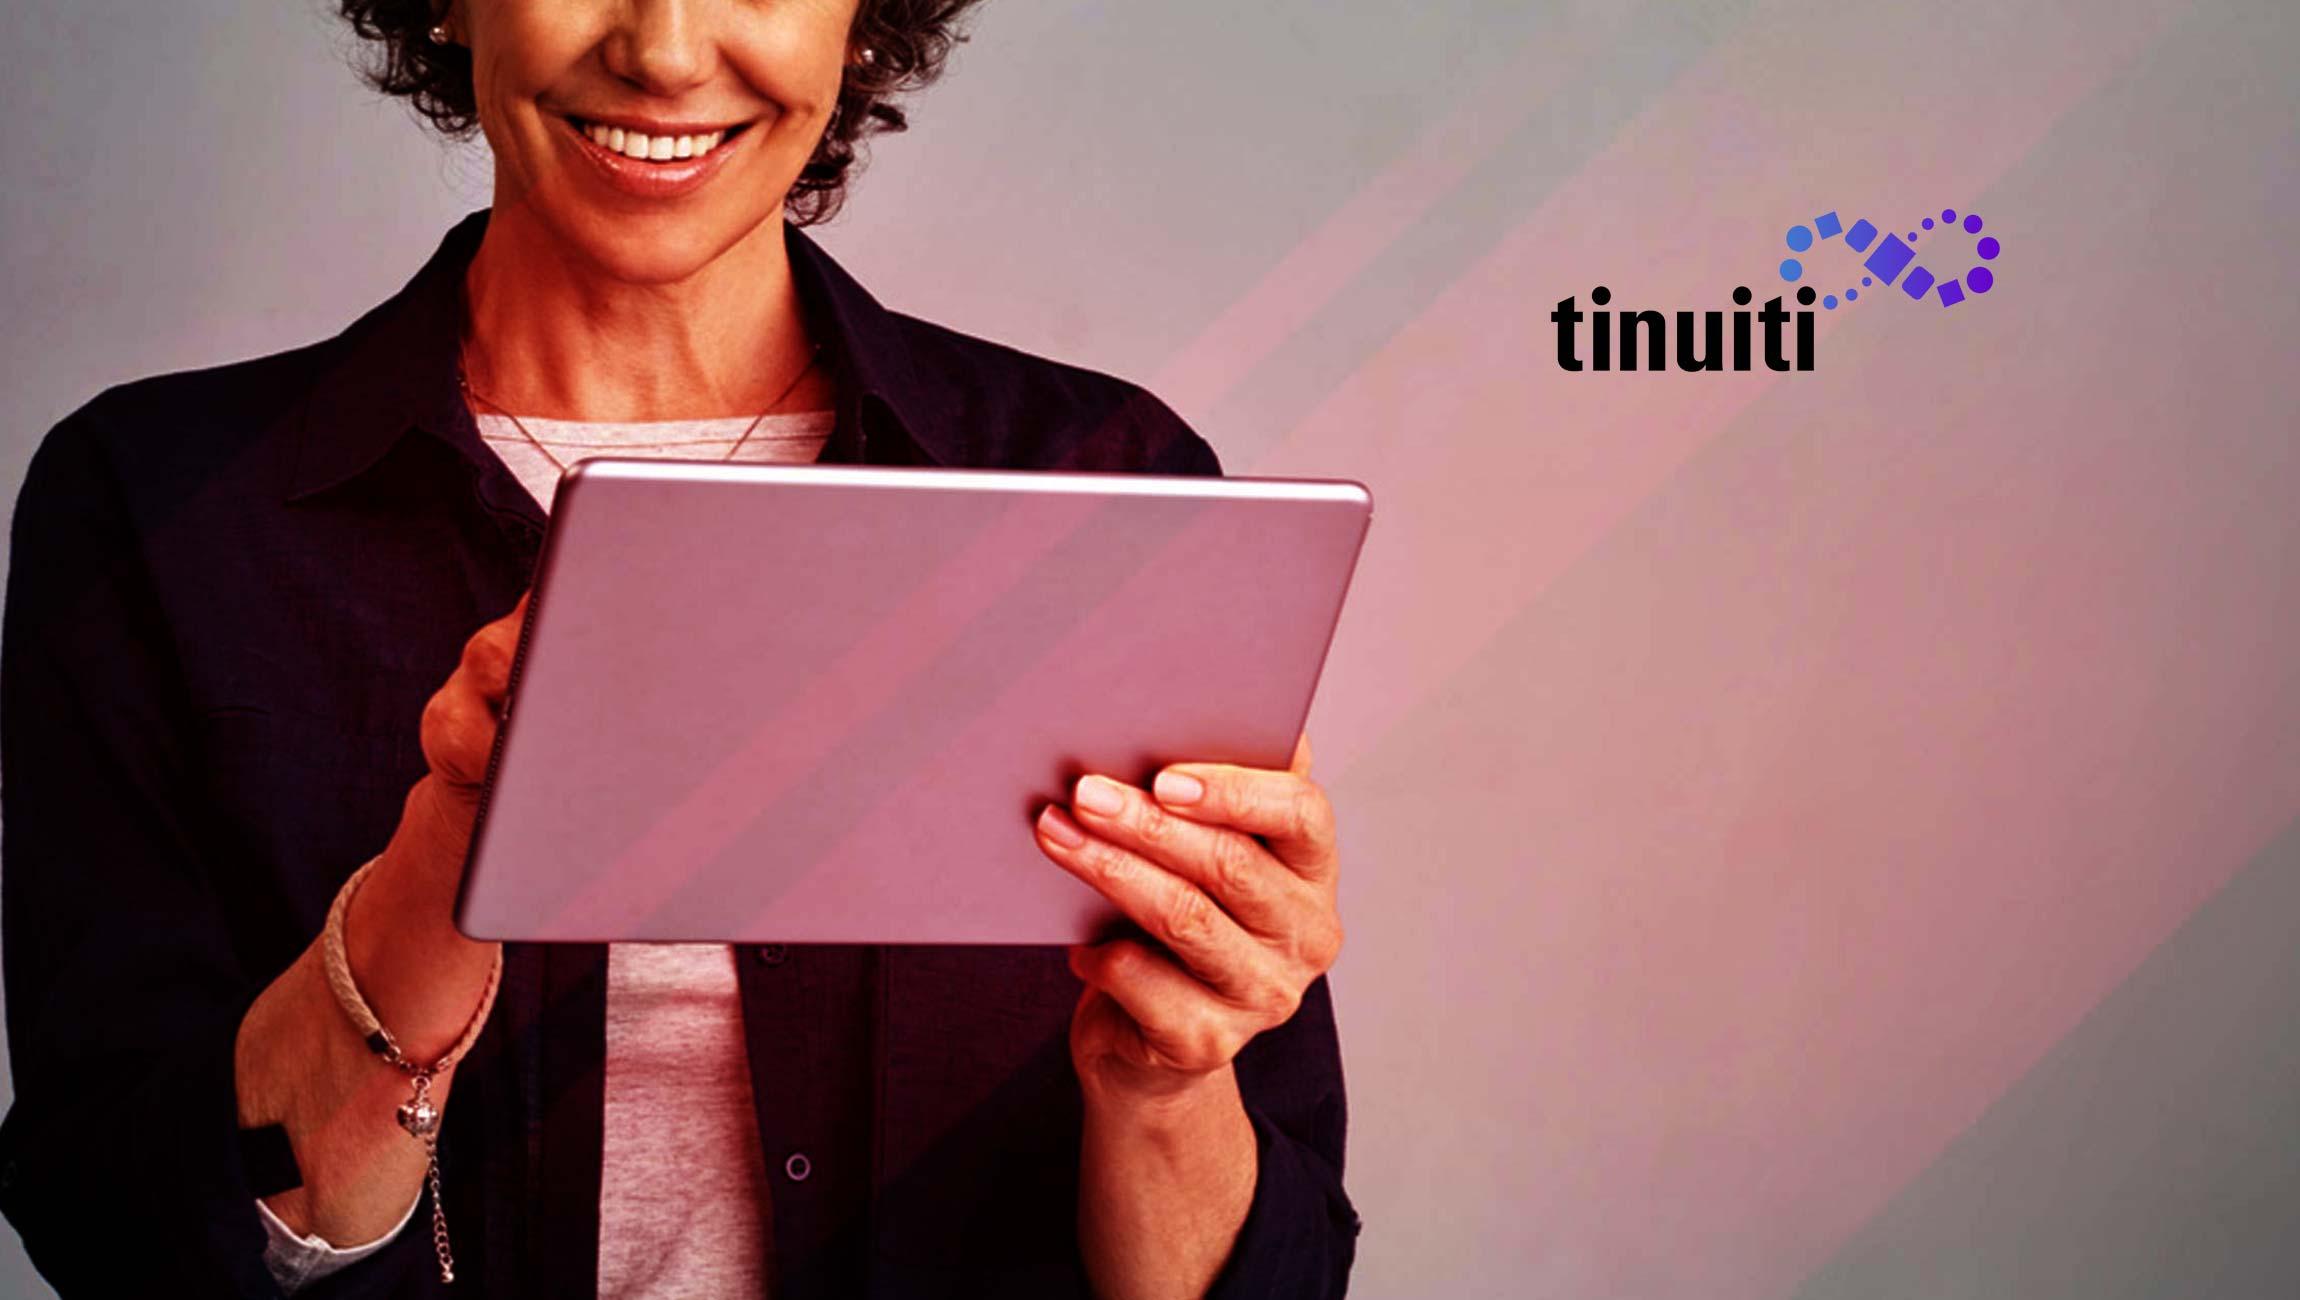 E-Commerce company Tinuiti